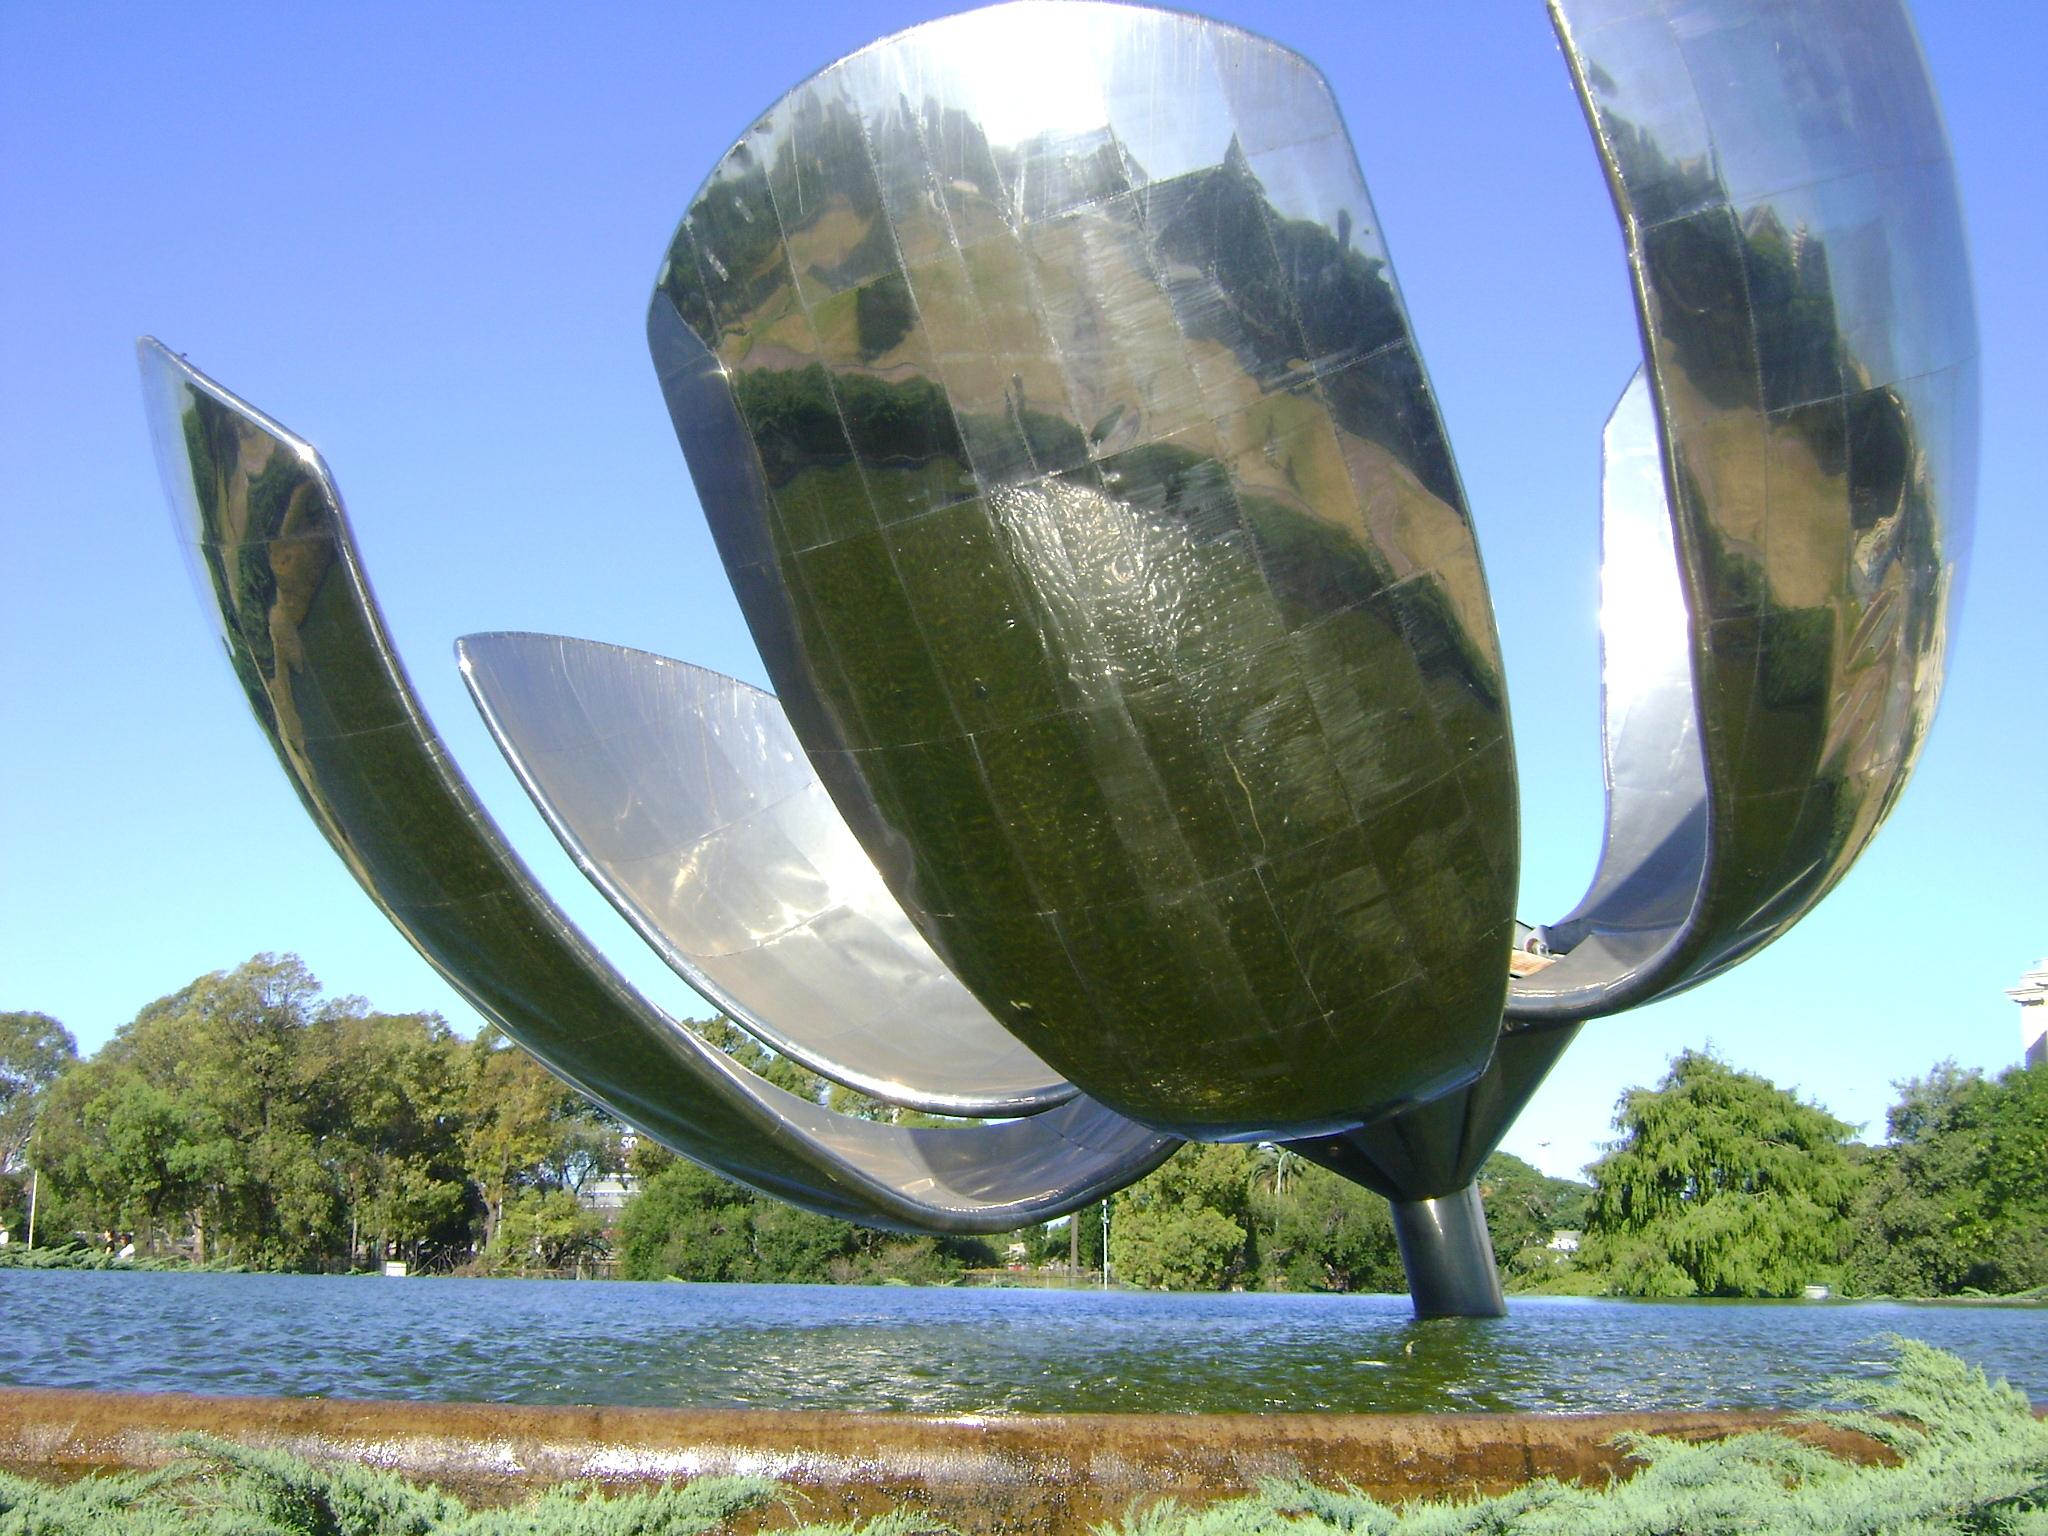 Floralis Genérica, uma escultura de 20 metros doada pelo arquiteto Eduardo Catalano, que se tornou um dos símbolos de Buenos Aires.